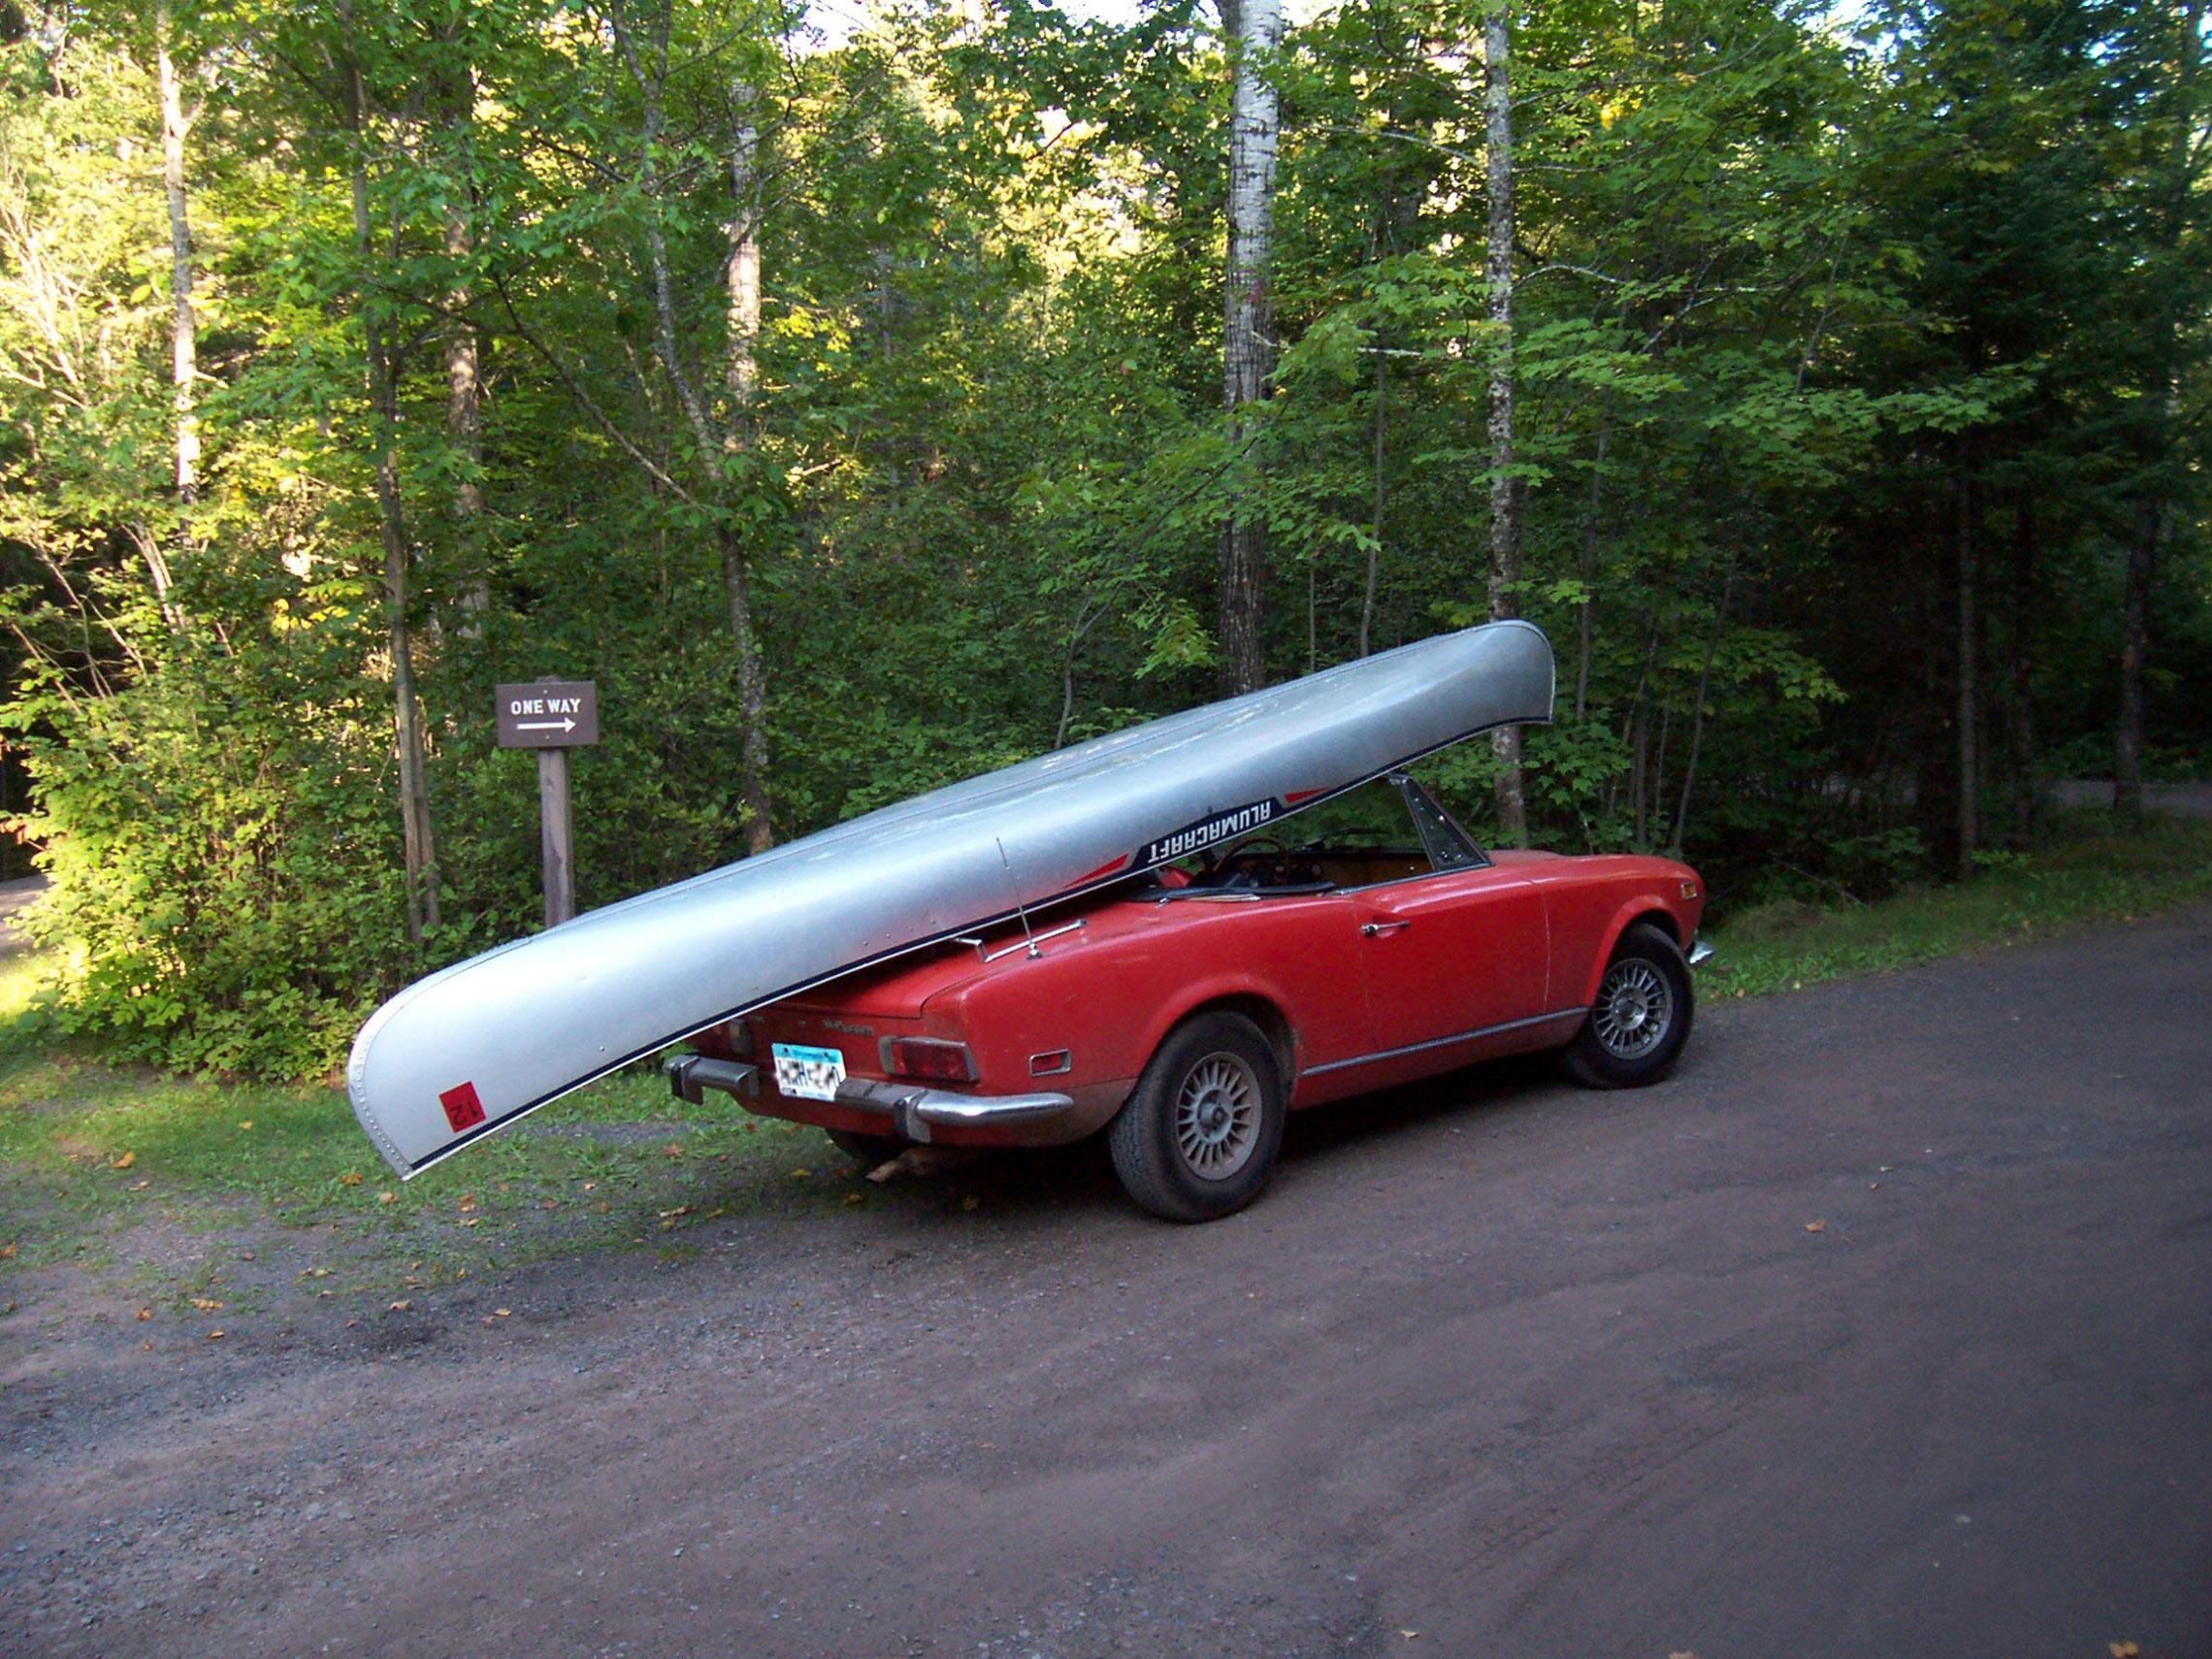 BWCA Aluminum Canoes Boundary Waters Gear Forum